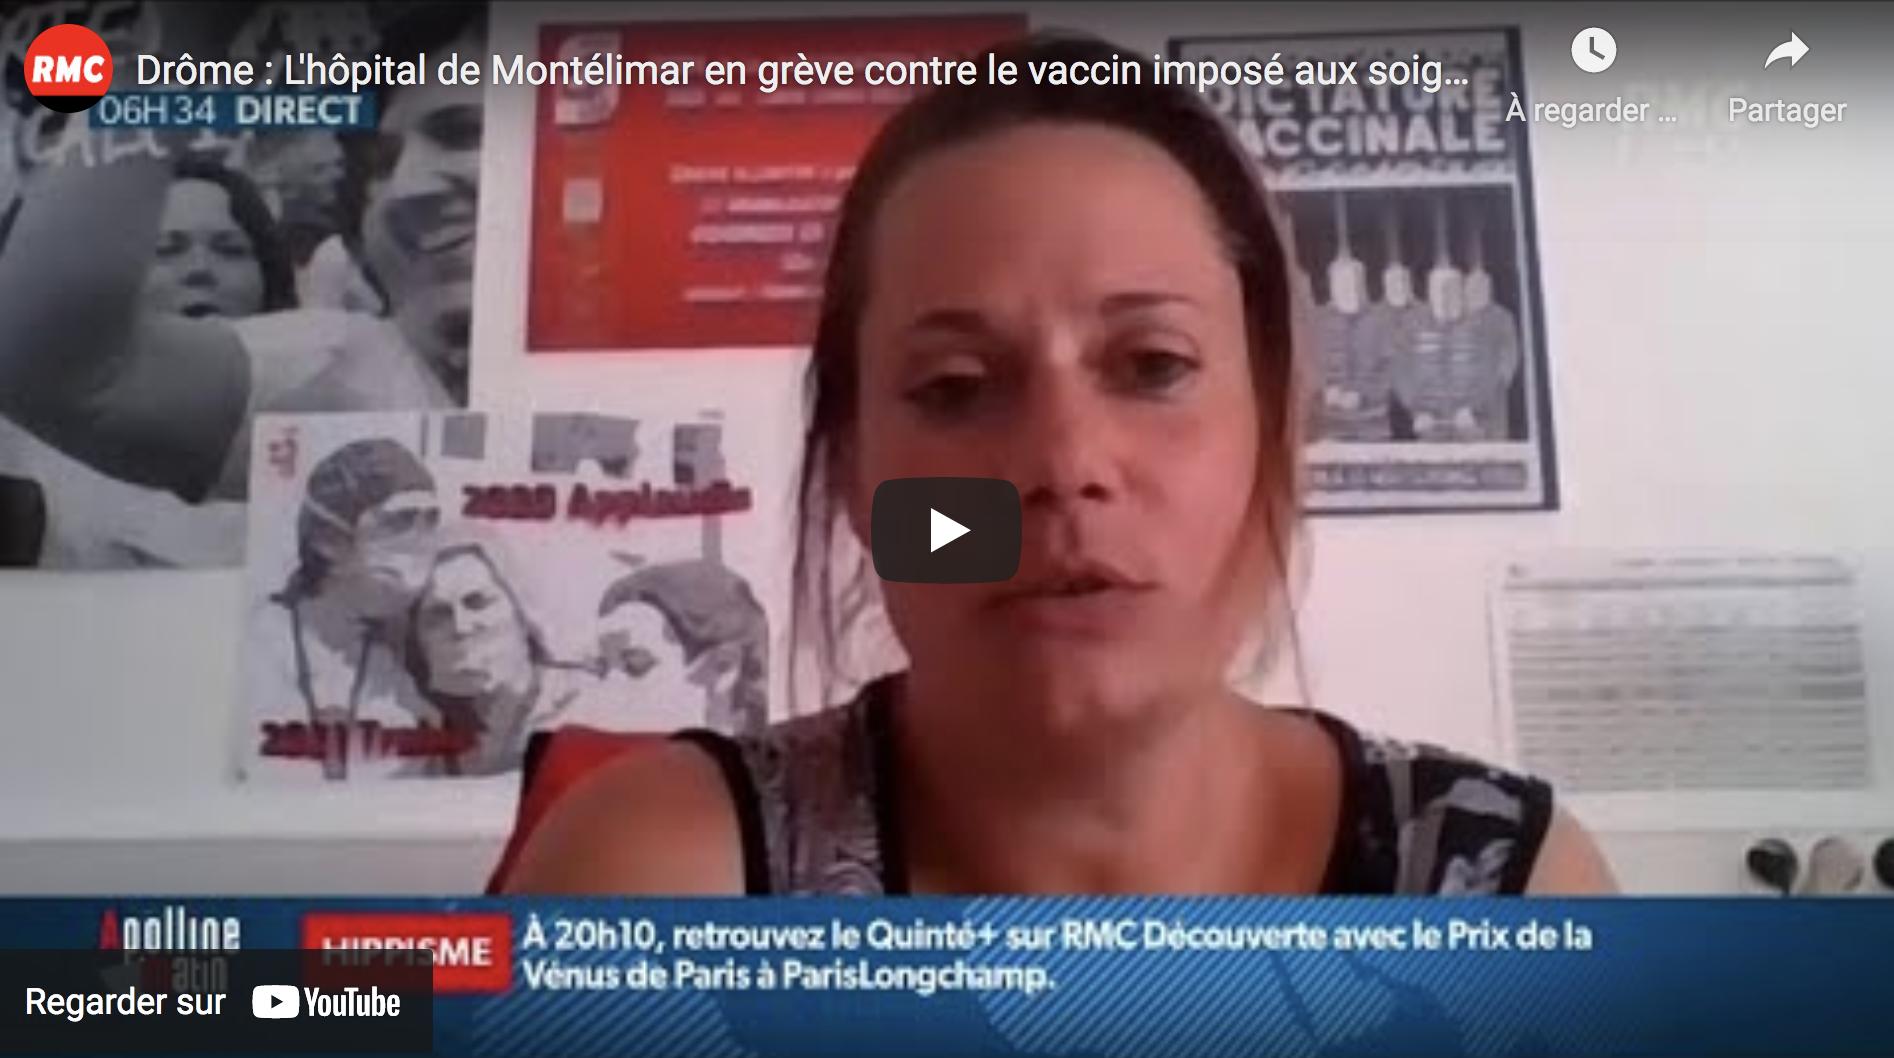 Drôme : L'hôpital de Montélimar en grève contre le vaccin imposé aux soignants (VIDÉO)